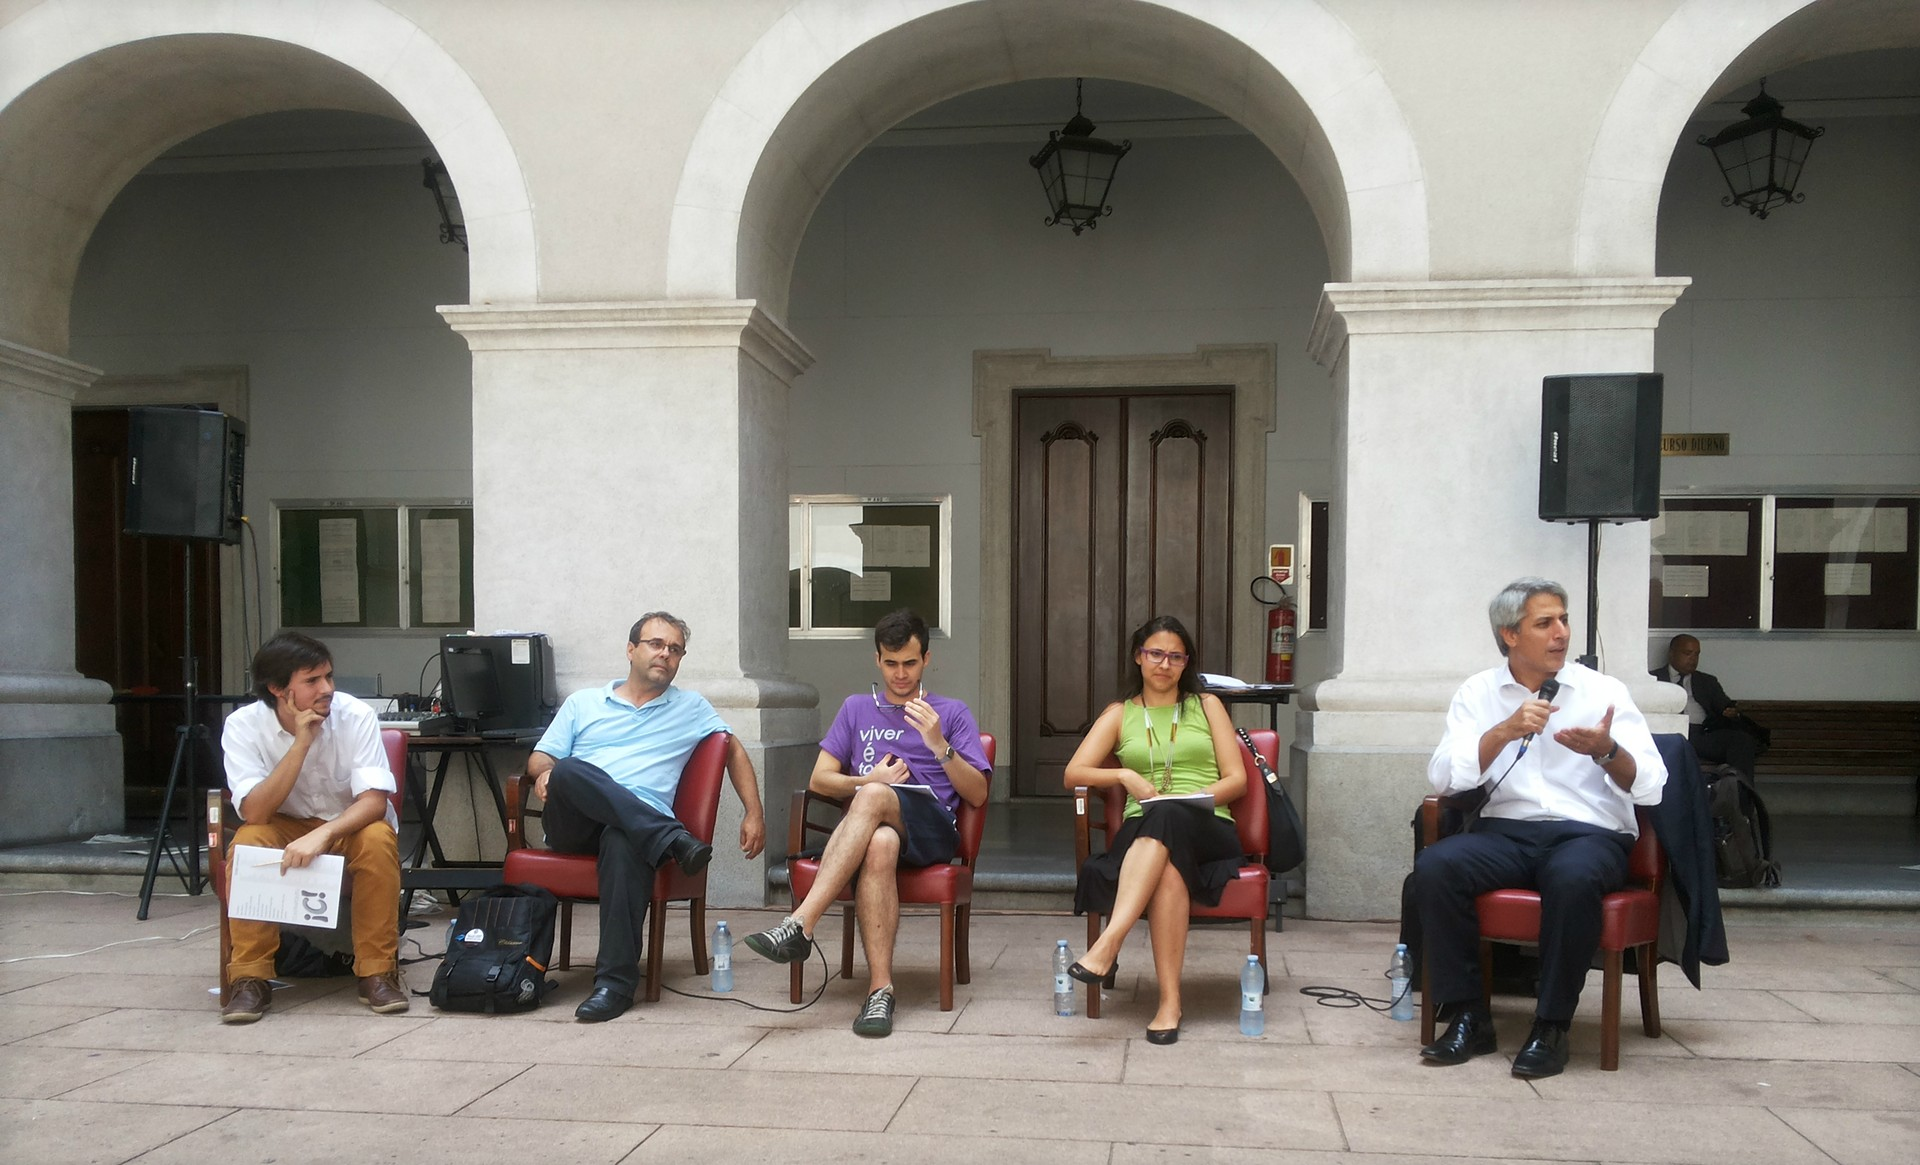 Defensores do Marco Civil discutem o projeto (Foto: Edson Caldas/Galileu)